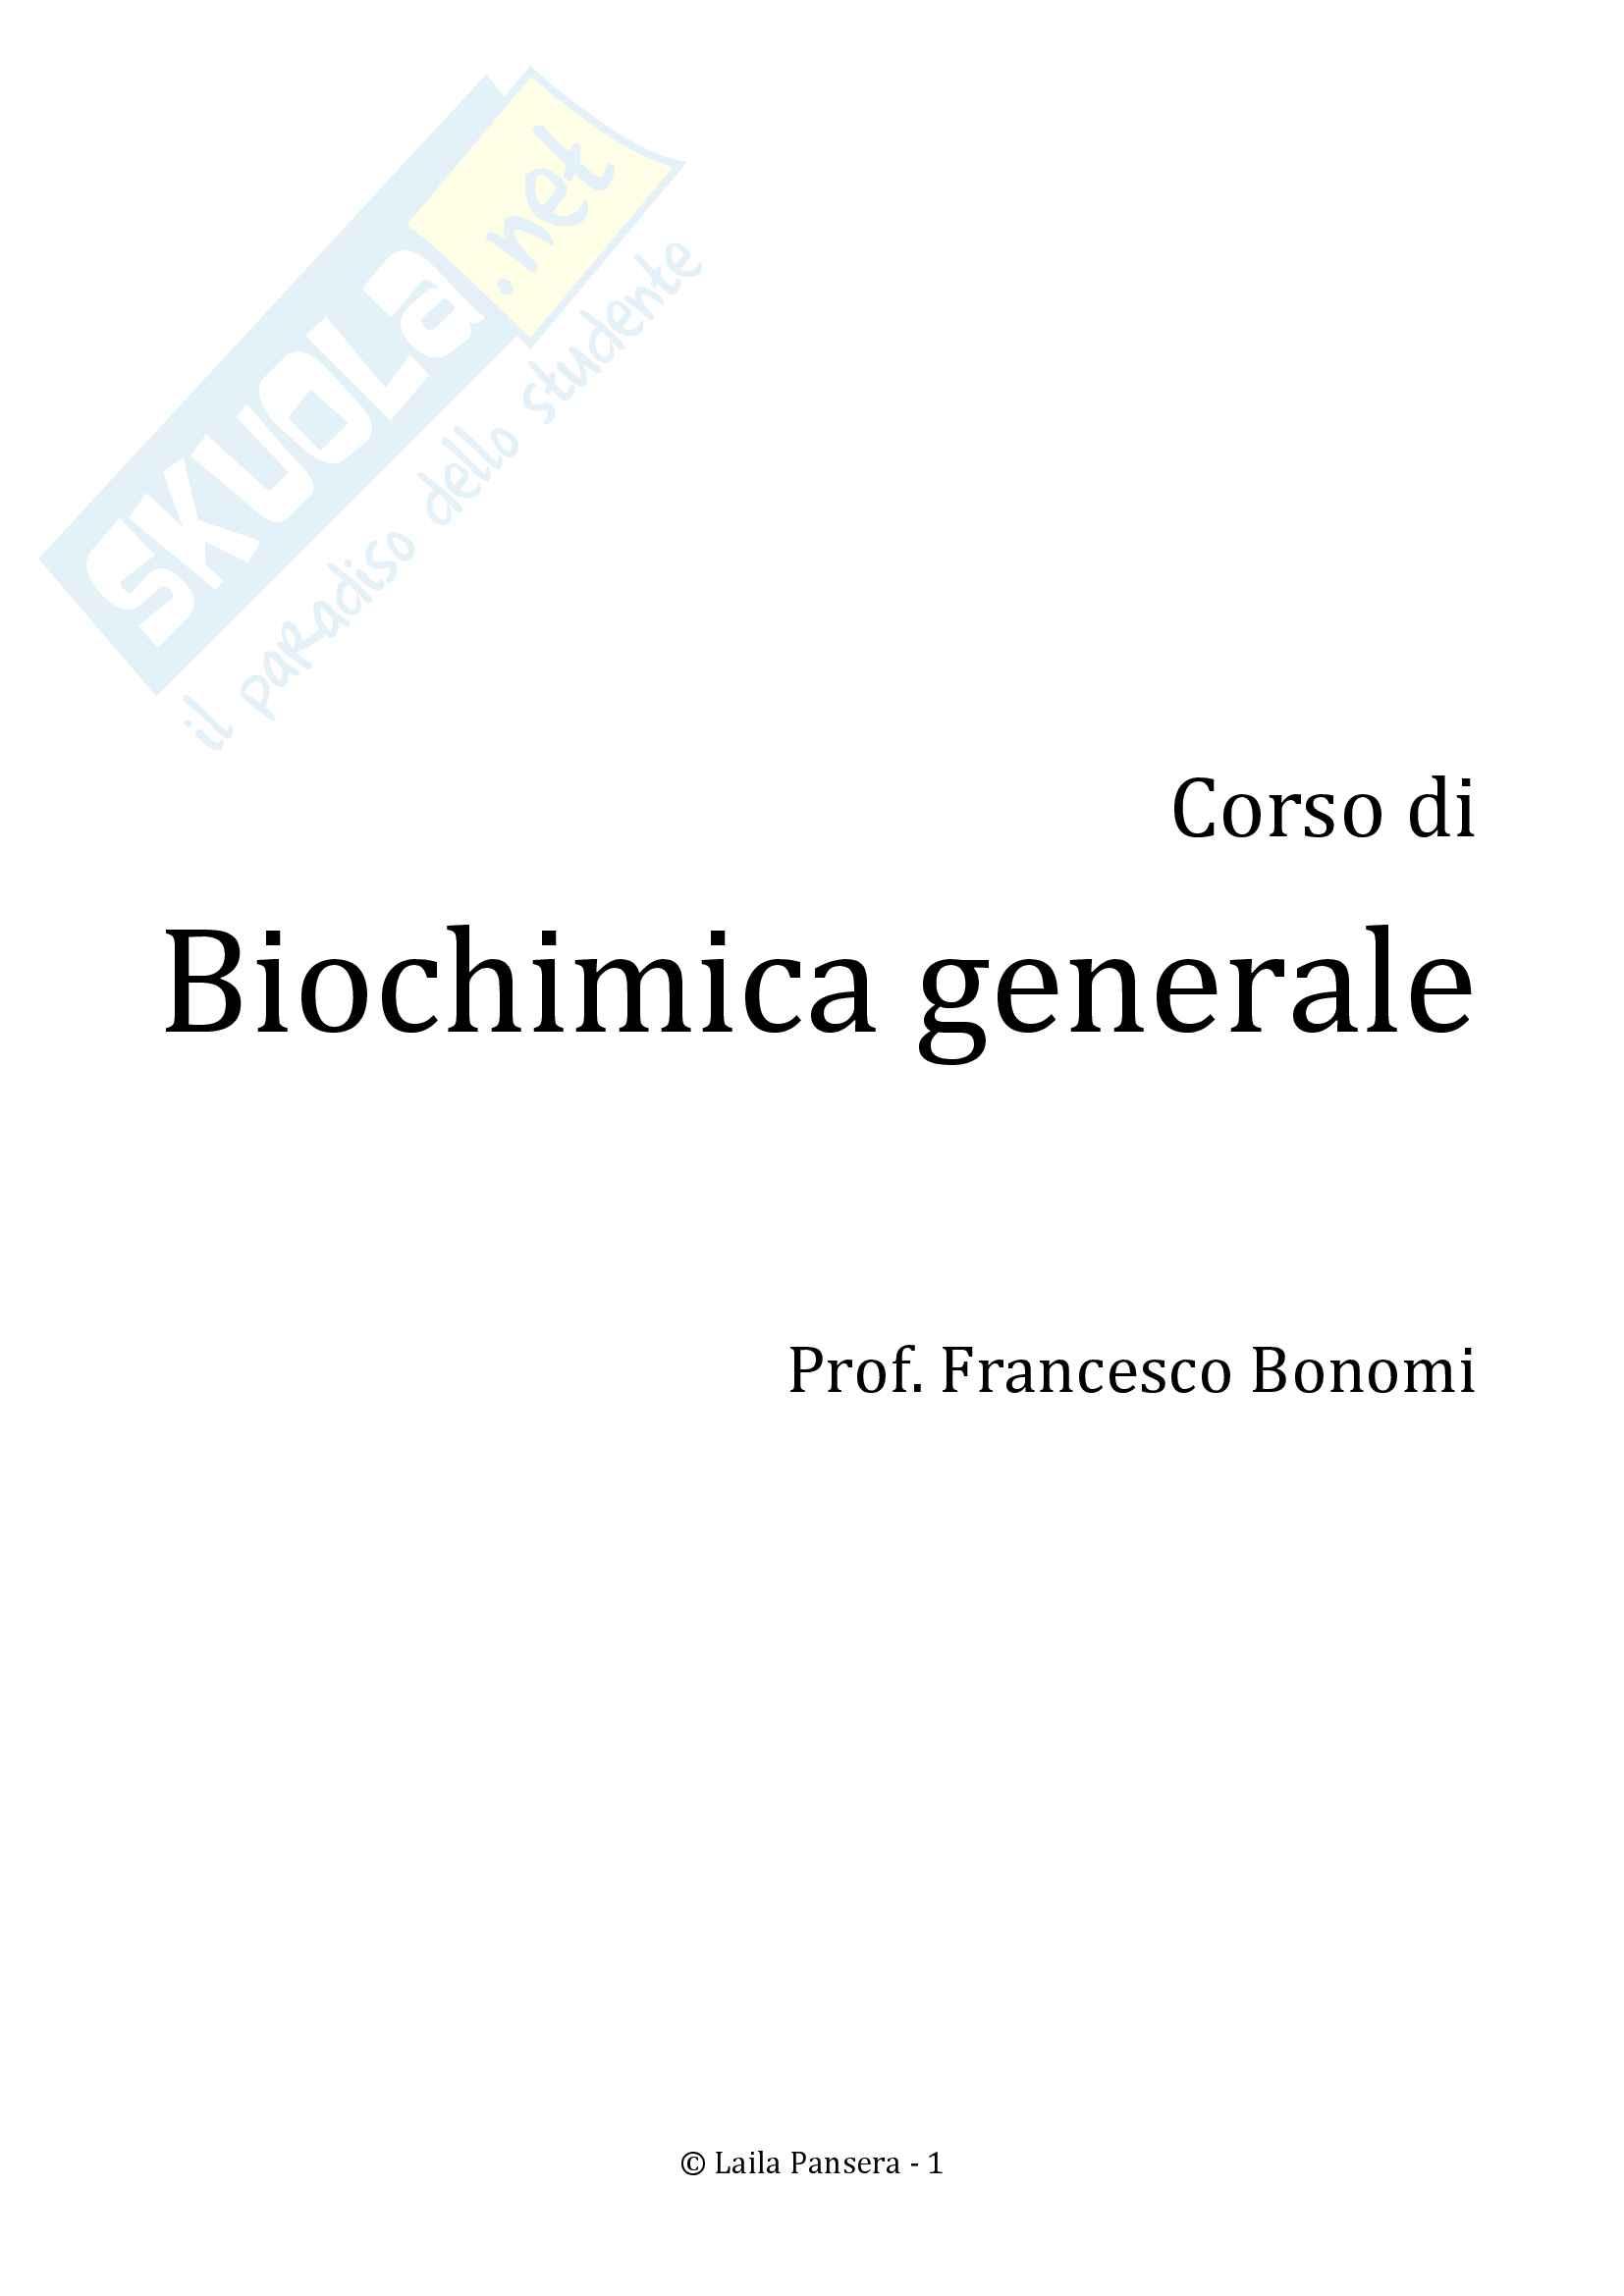 Biochimica generale